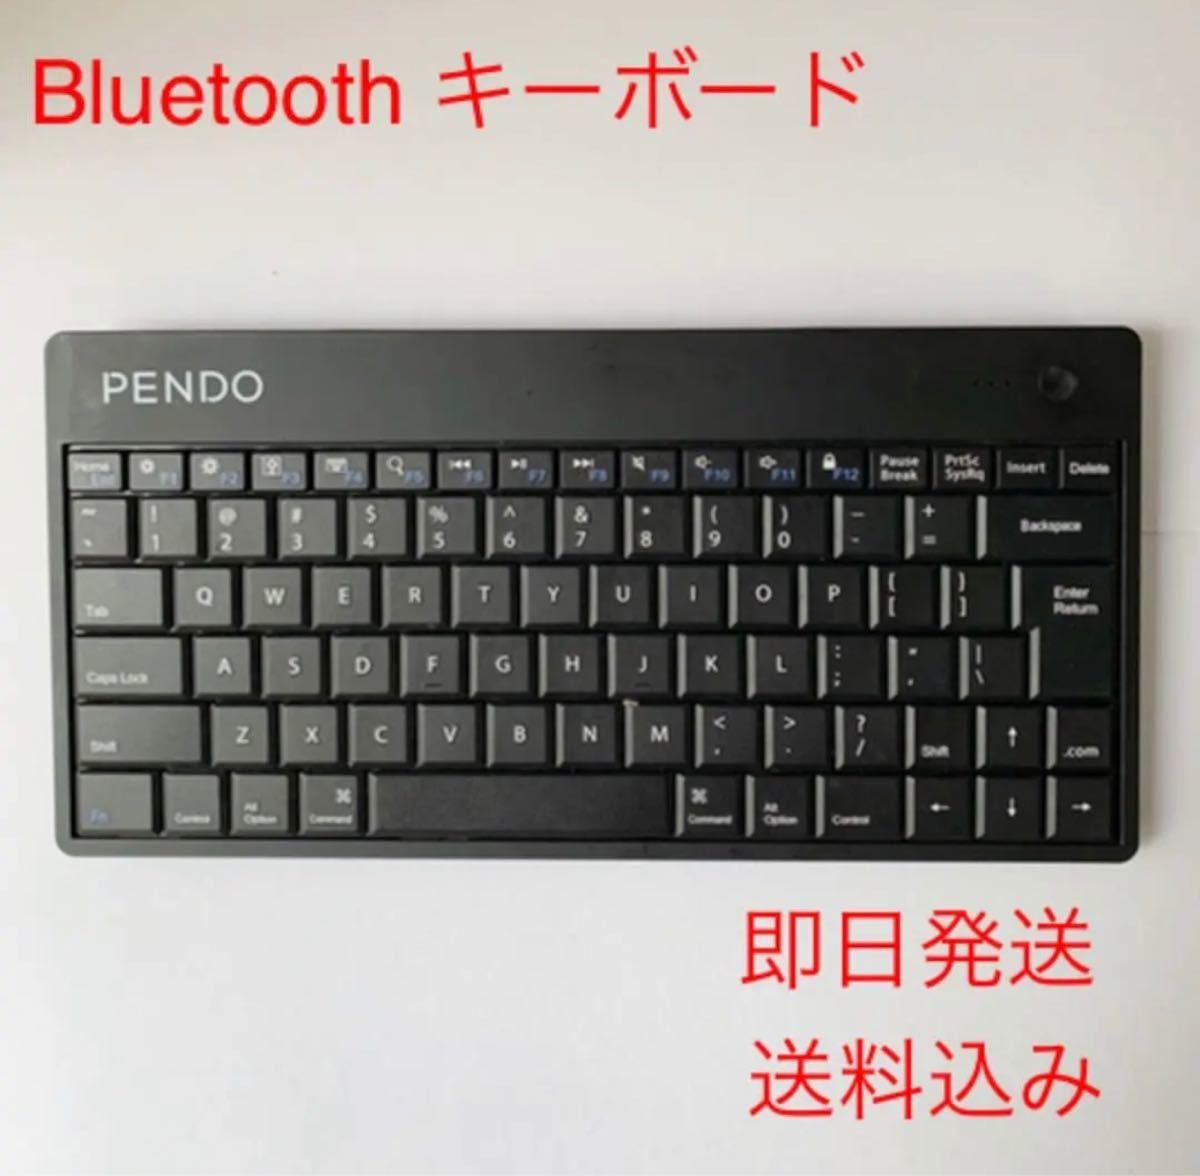 ワイヤレスキーボード(Bluetooth キーボード)